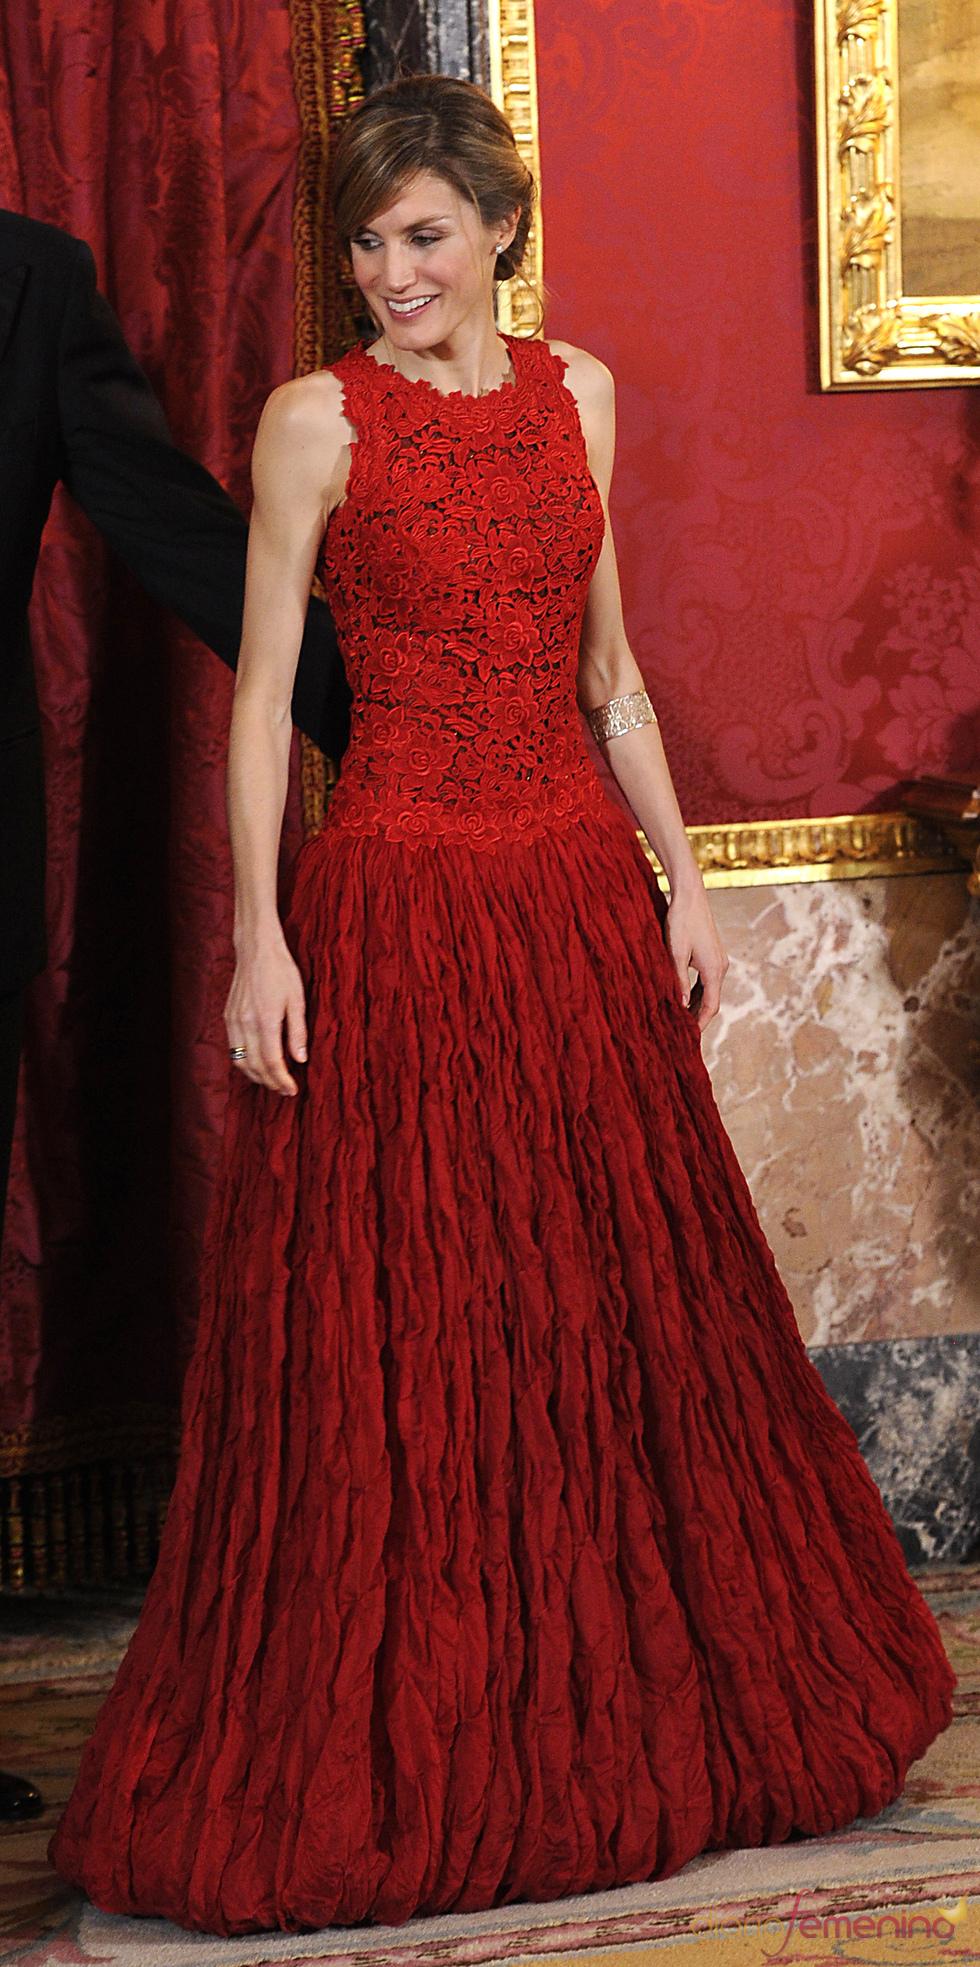 c904def6edfe Voici une petite rétrospective des robes de soirée de la reine Letizia  d u0027 Espagne au fil des ans. Laquelle préférez